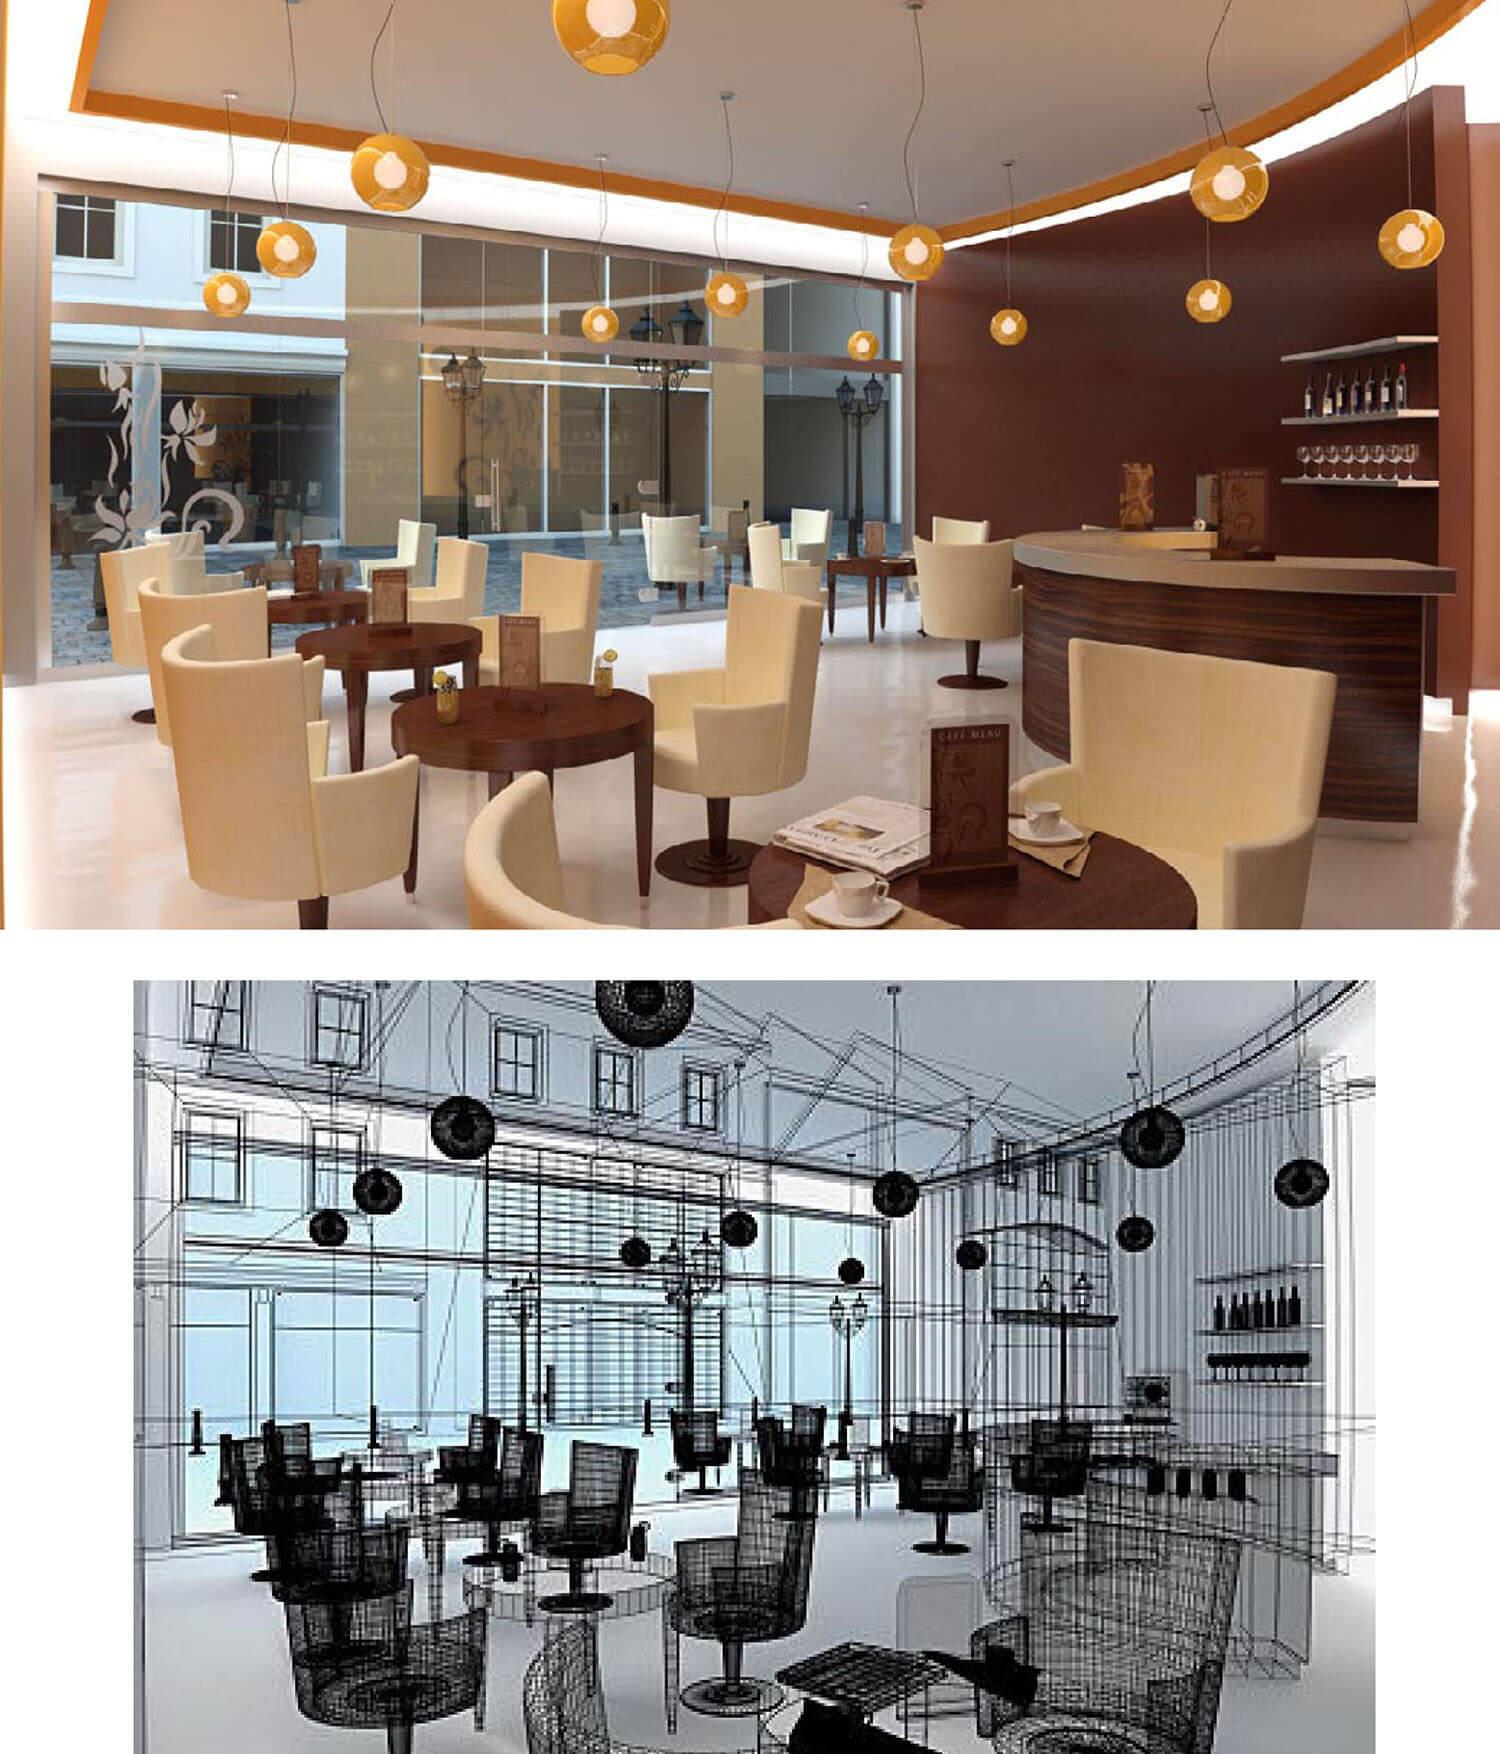 Nội thất quán cafe có ánh sáng lung linh từ đèn trang trí